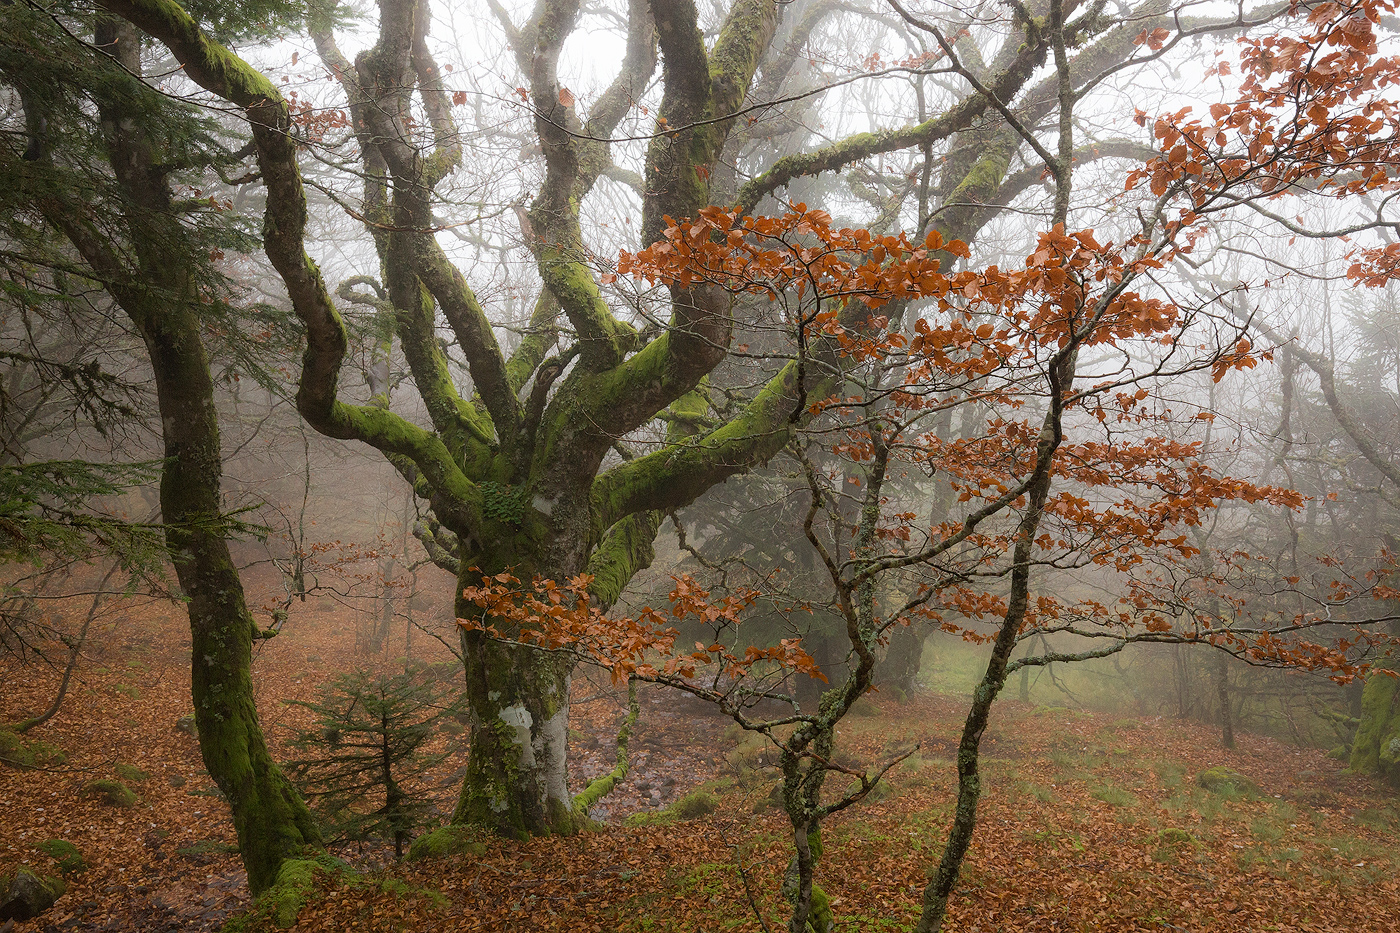 auvergne-puy-de-dome-nicolas-rottiers-photographe-normandie